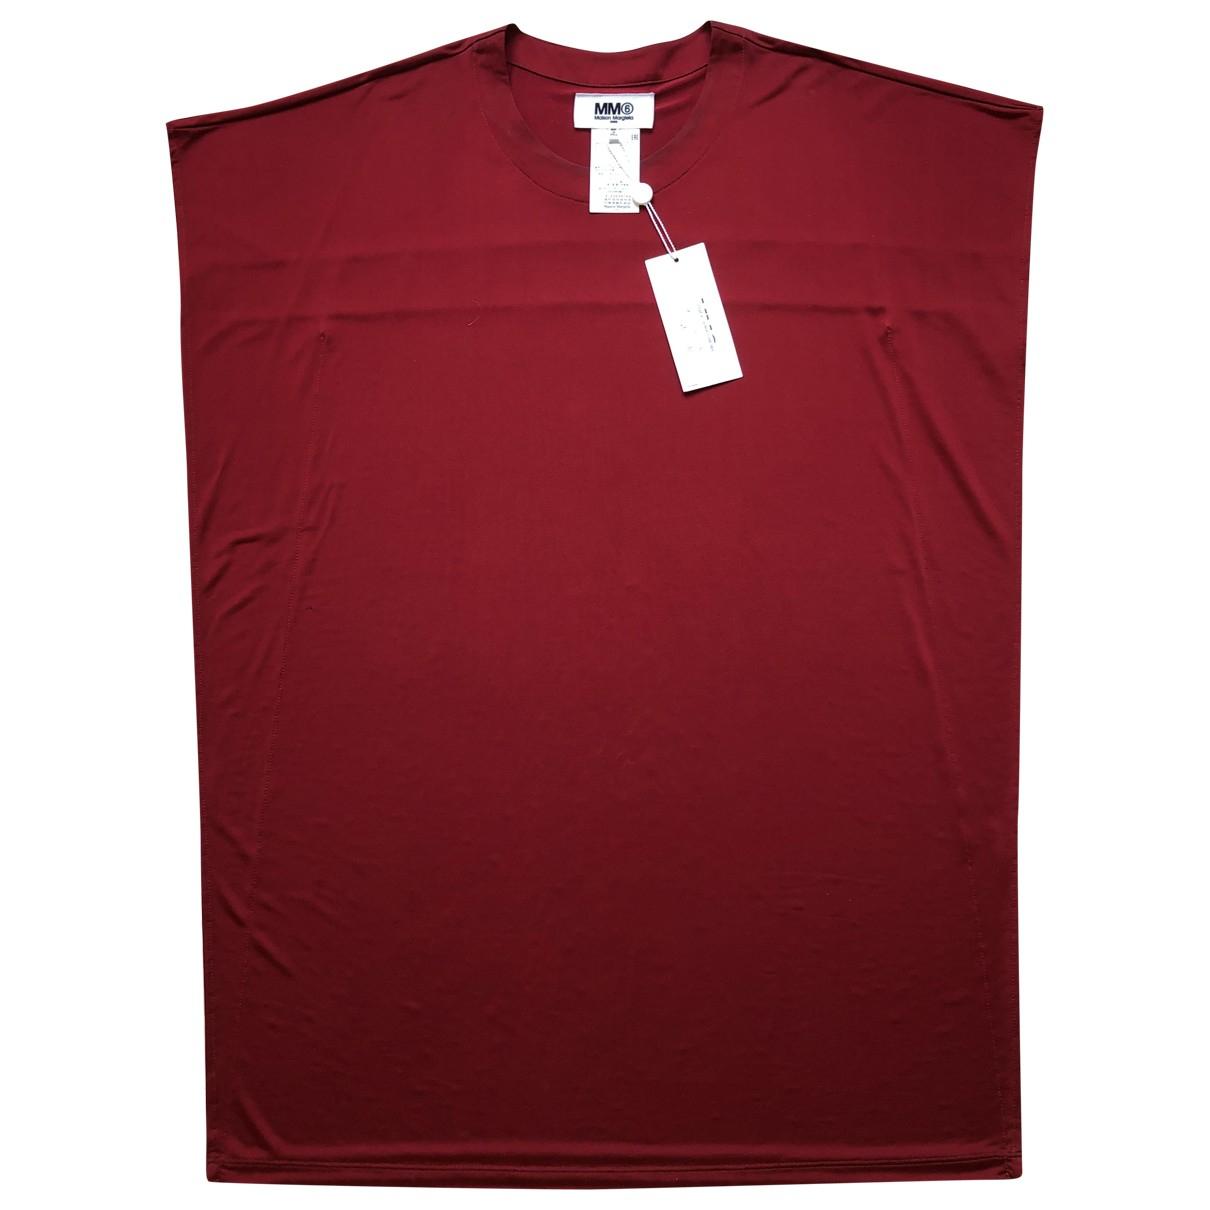 Mm6 \N Kleid in  Rot Synthetik